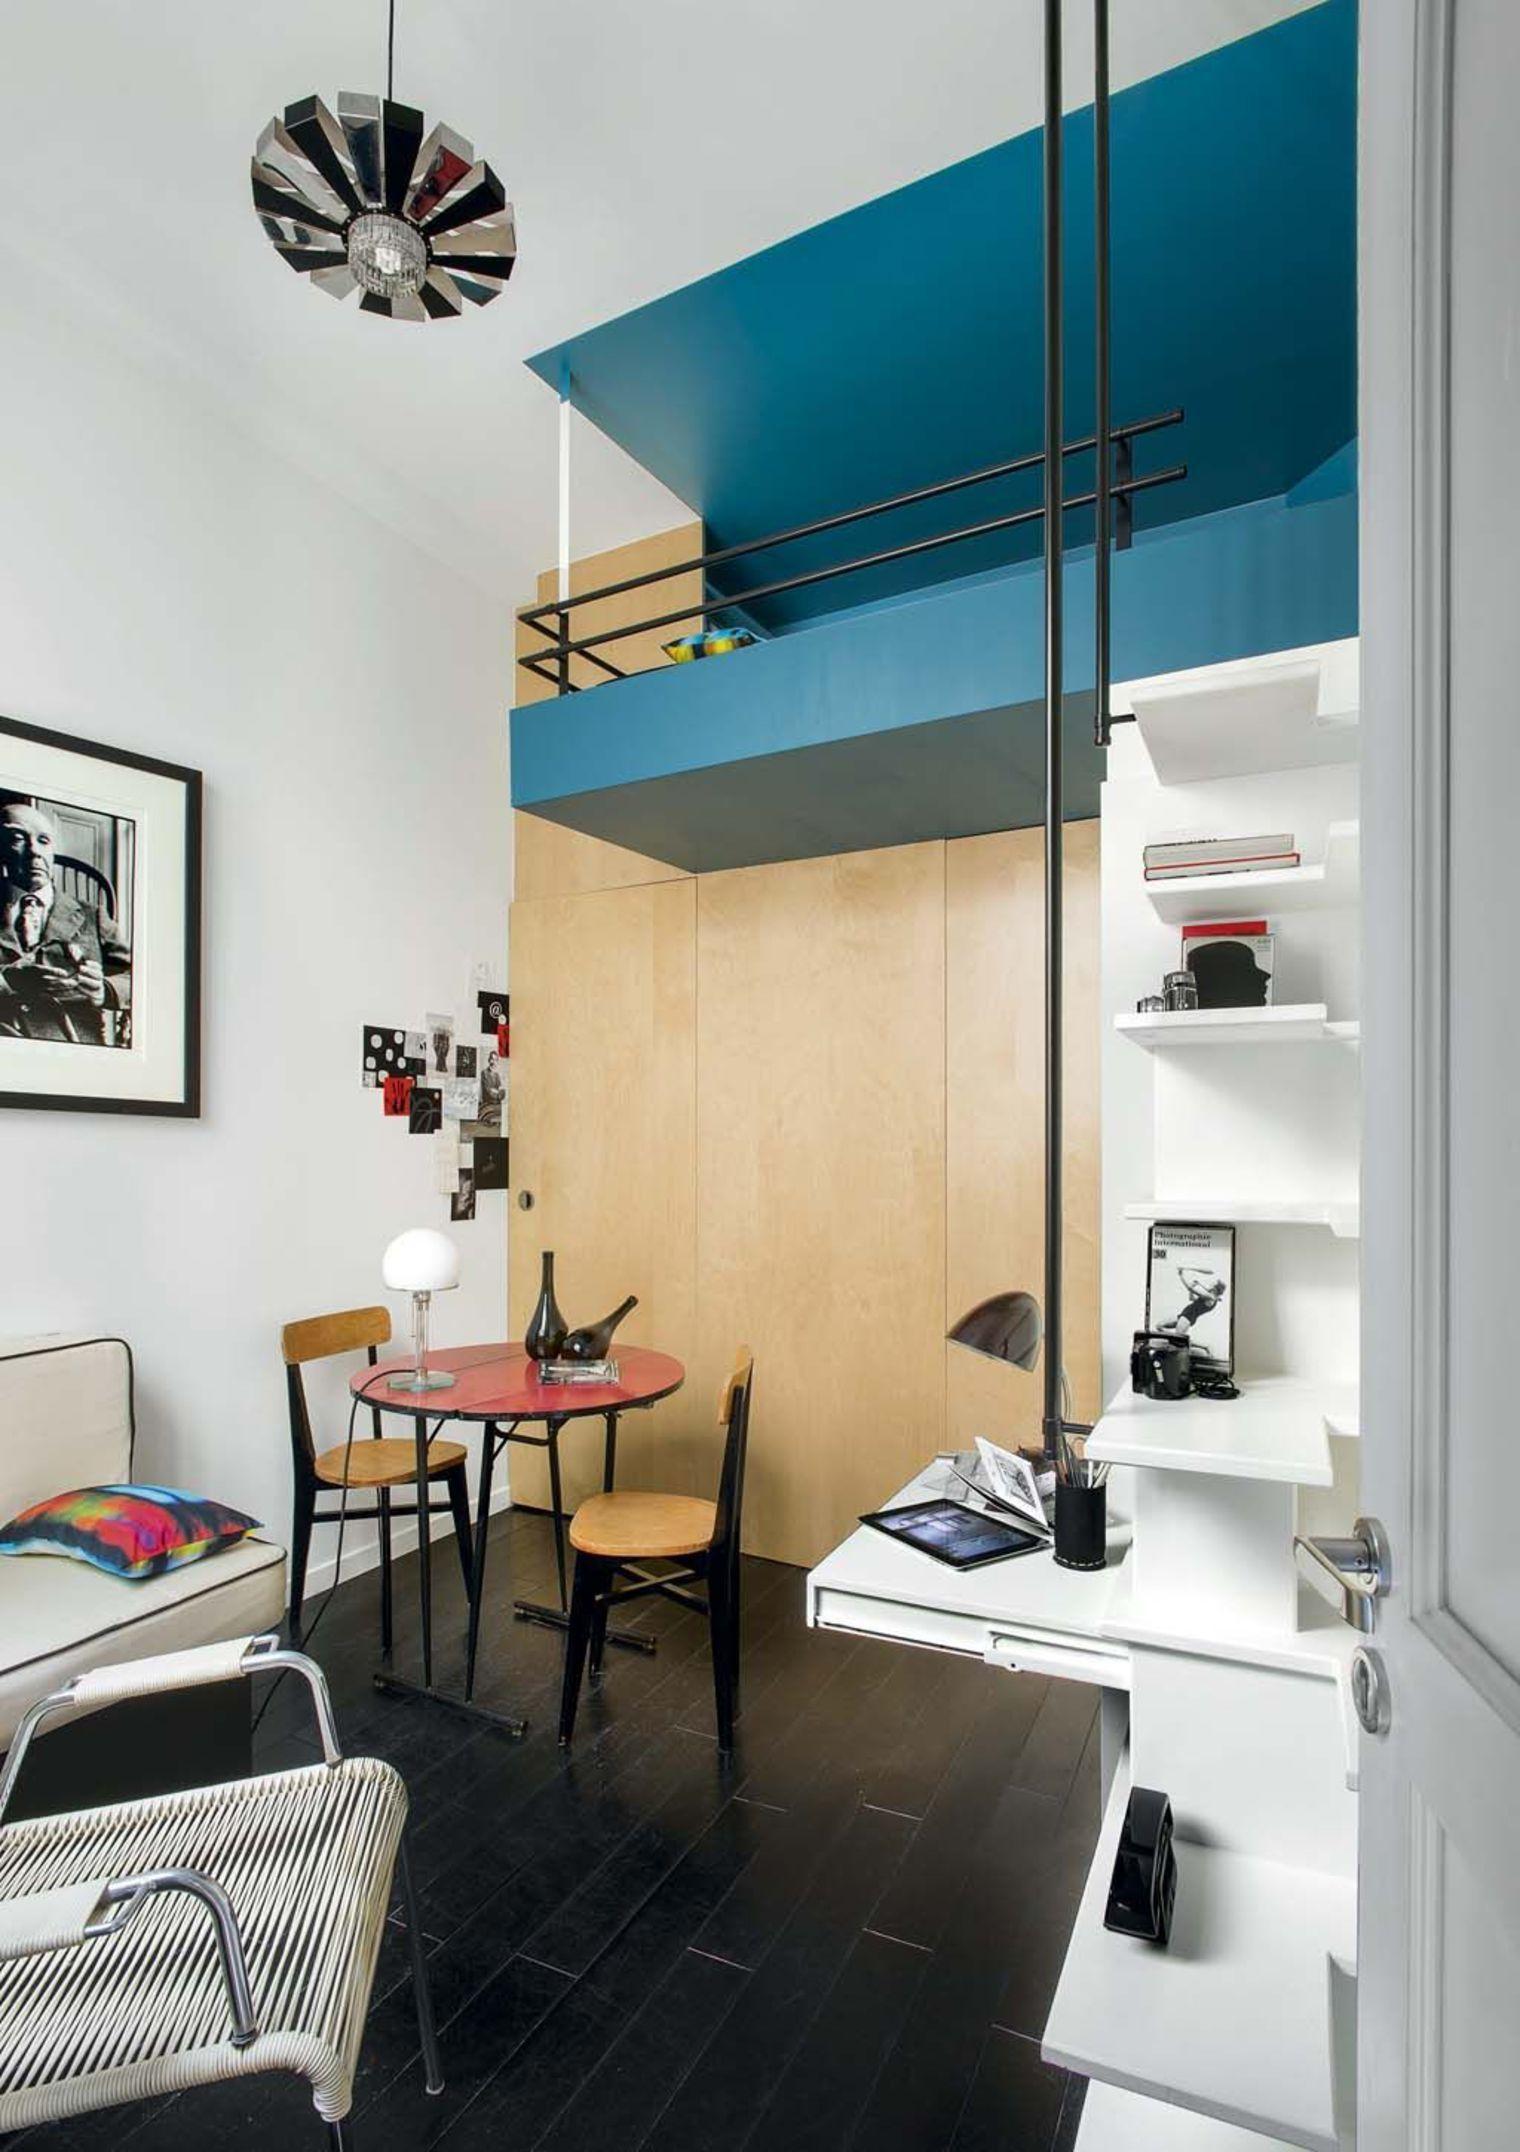 Mezzanine : inspiration gain de place | Lampe bauhaus, Suspension ...